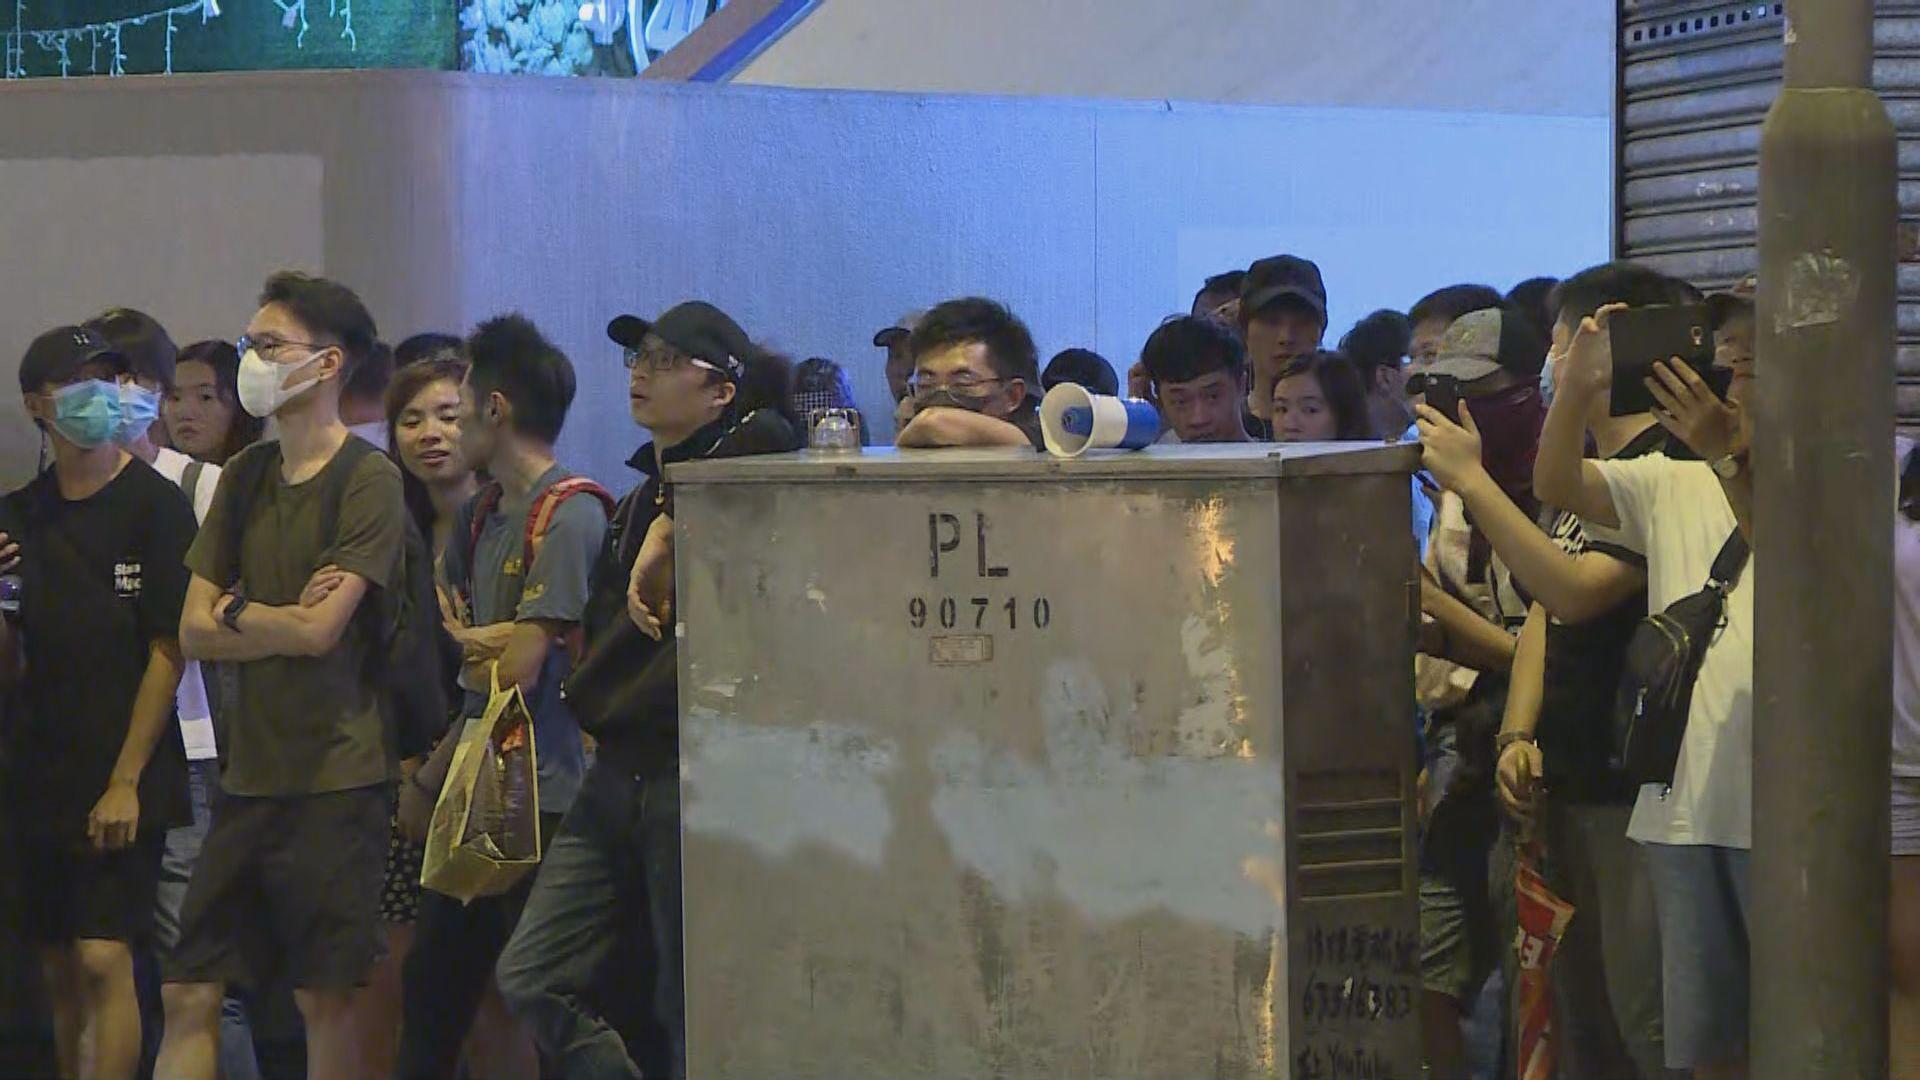 旺角警署外再有示威者聚集及縱火 無人被捕